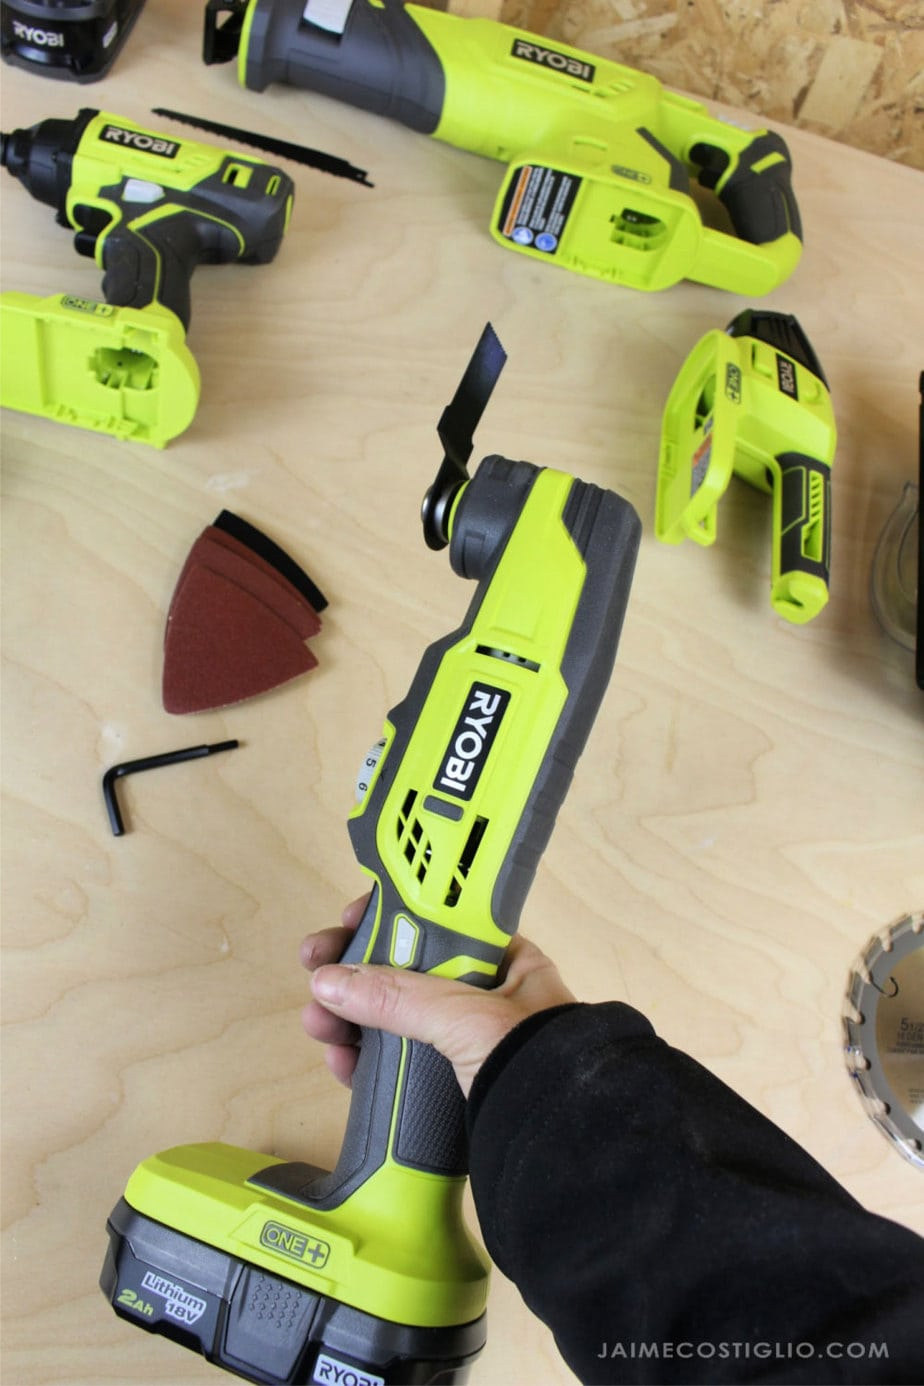 Ryobi cordless multi-tool